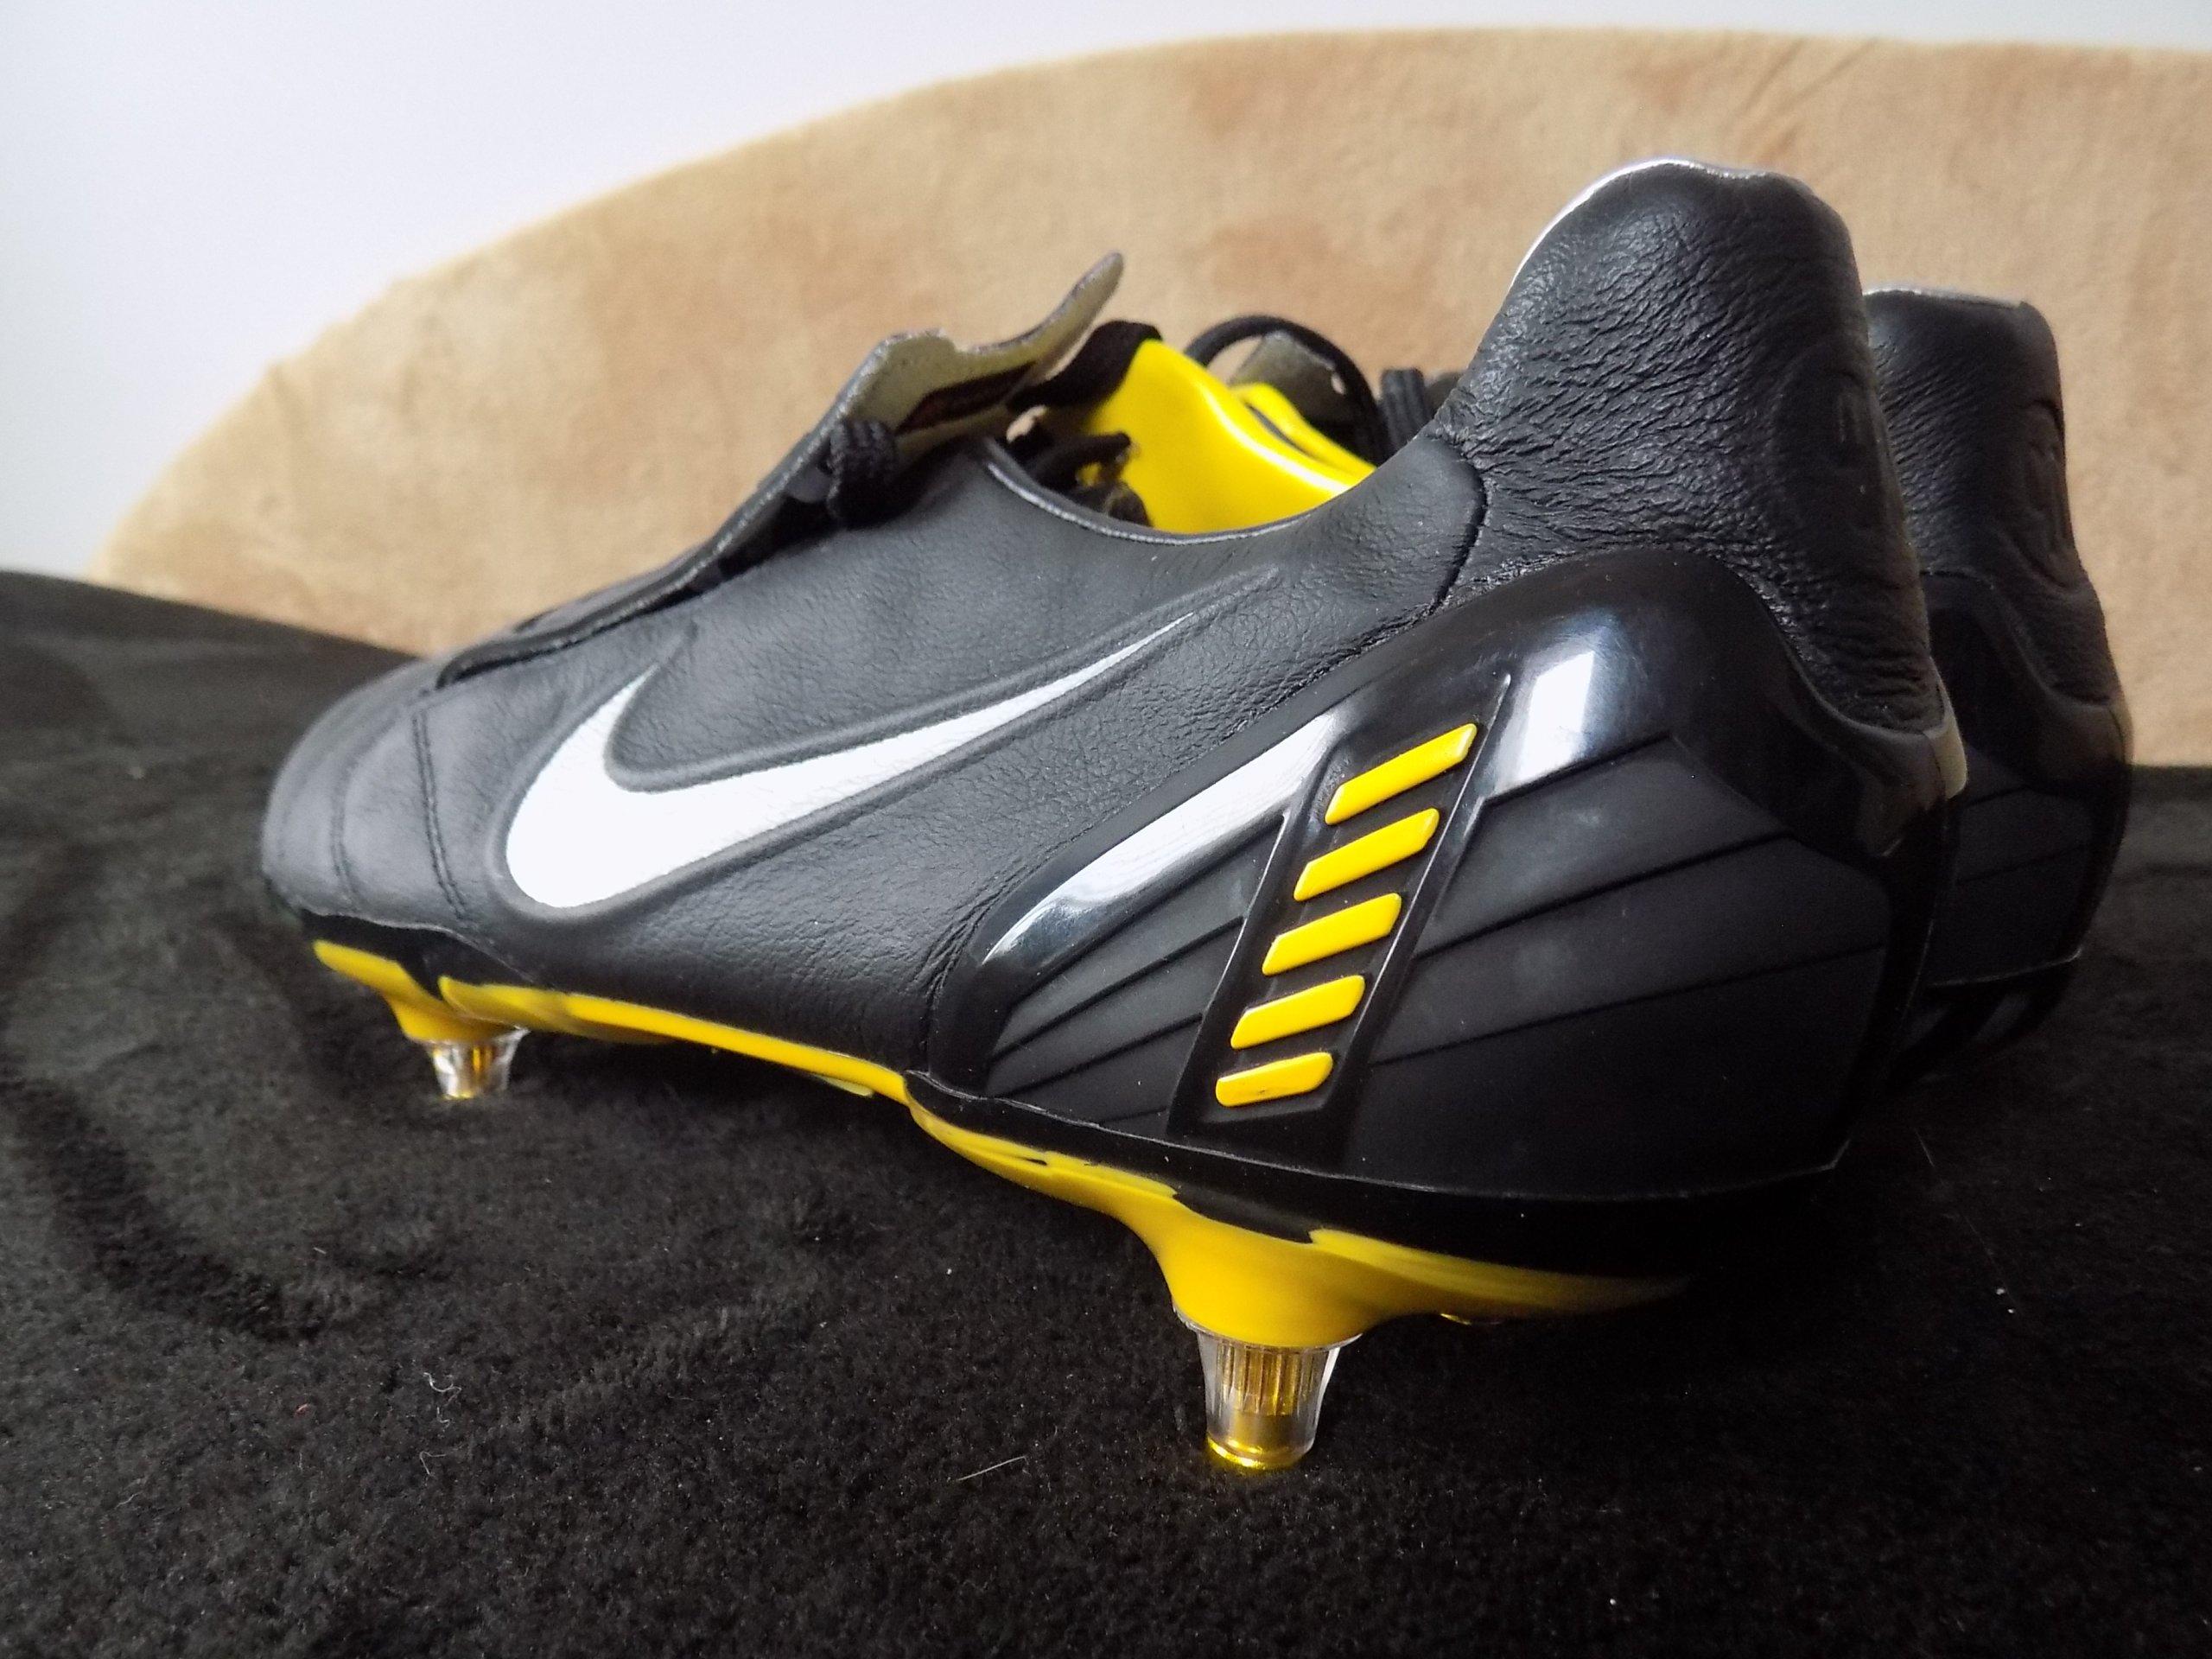 ekskluzywne buty buty na tanie Cena hurtowa NOWE KORKI NIKE TOTAL 90 ŻÓŁTO CZARNE R. 43